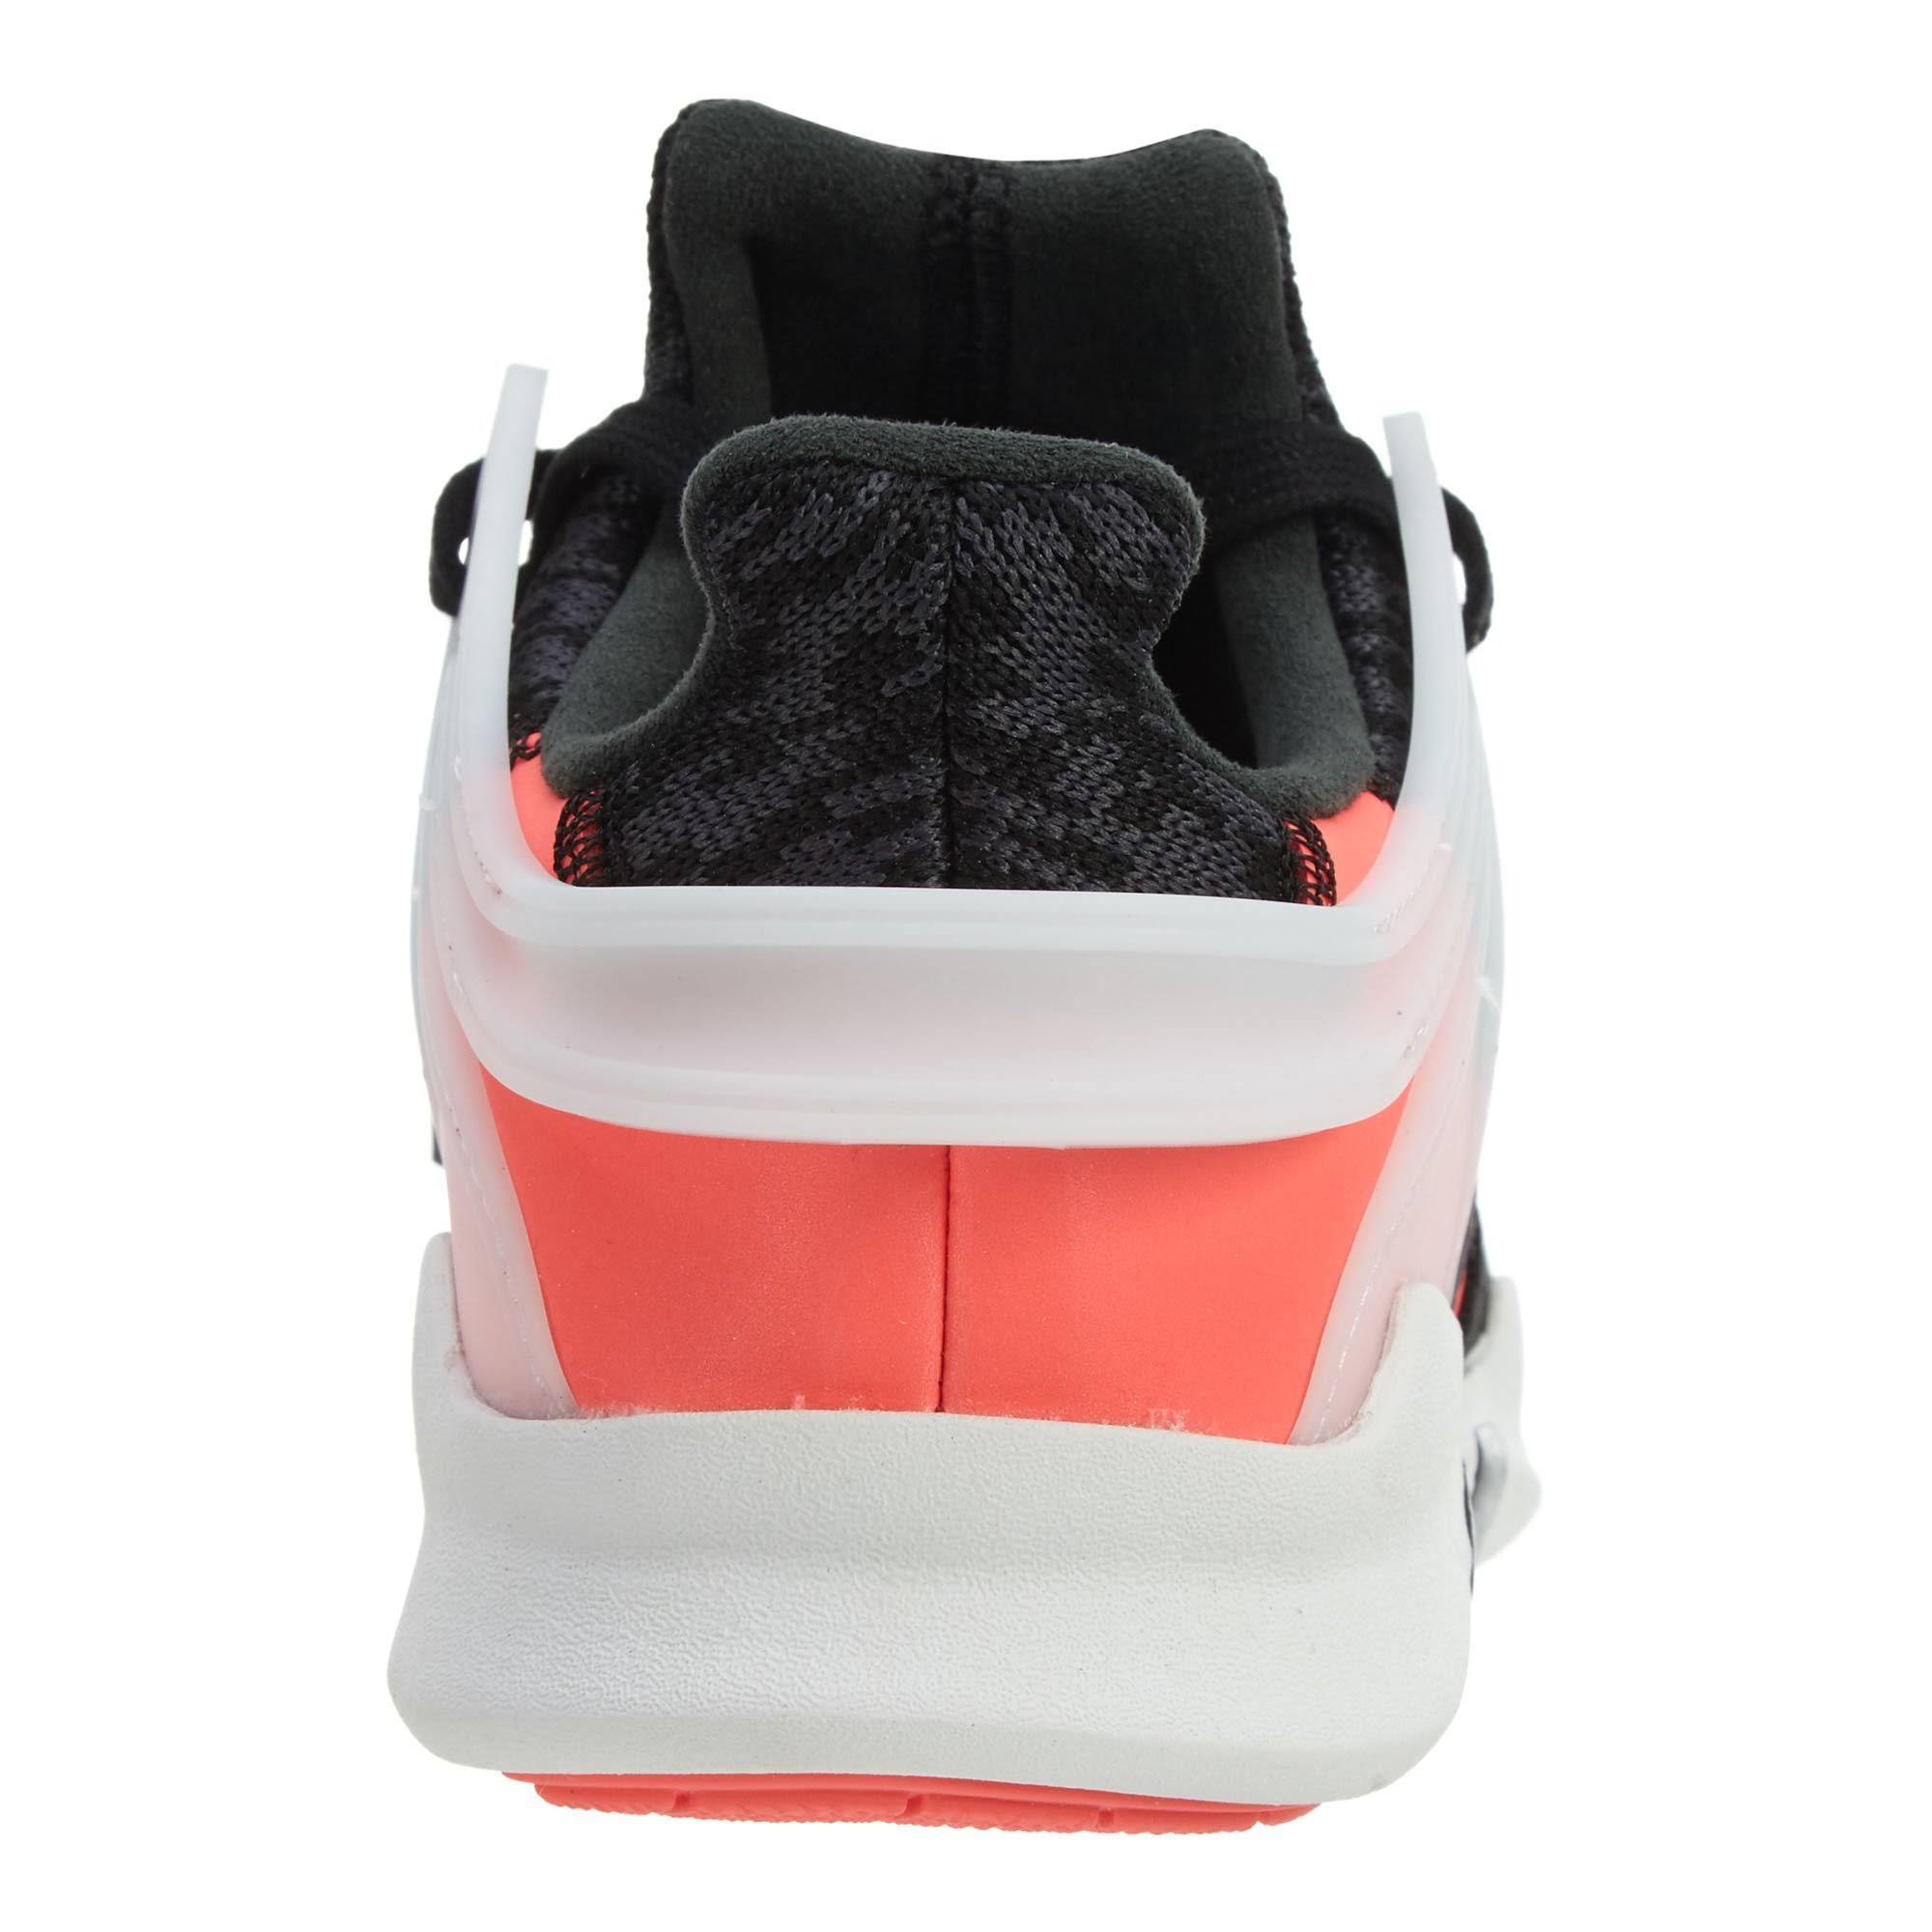 Schwarz Kids Bb0546 Schwarz Support Eqt Adidas Little Stil Adv turbo q06xTwI